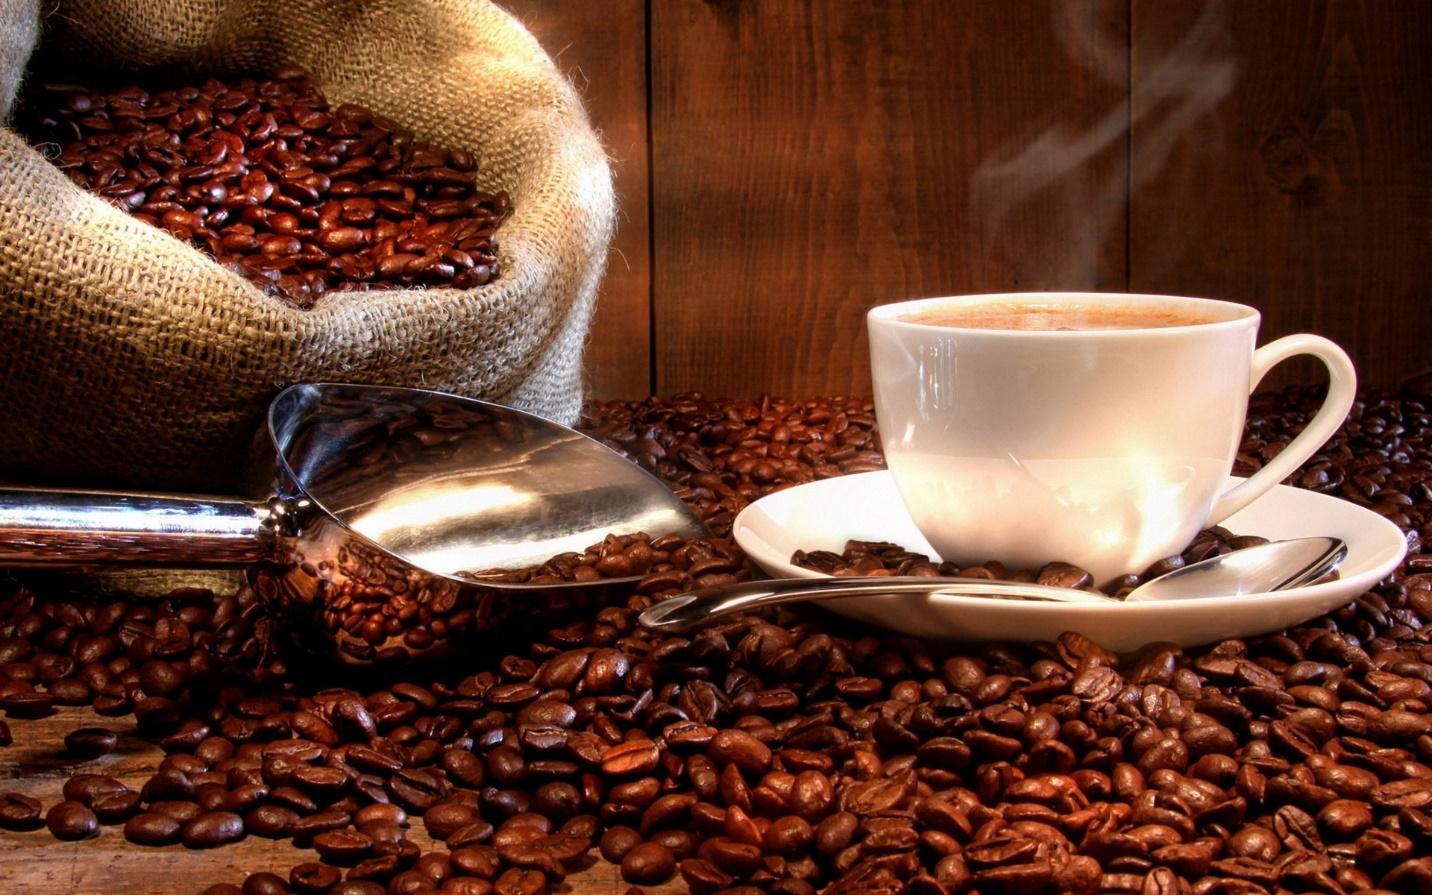 Cà phê mang lại những điều thú vị cho cuộc sống